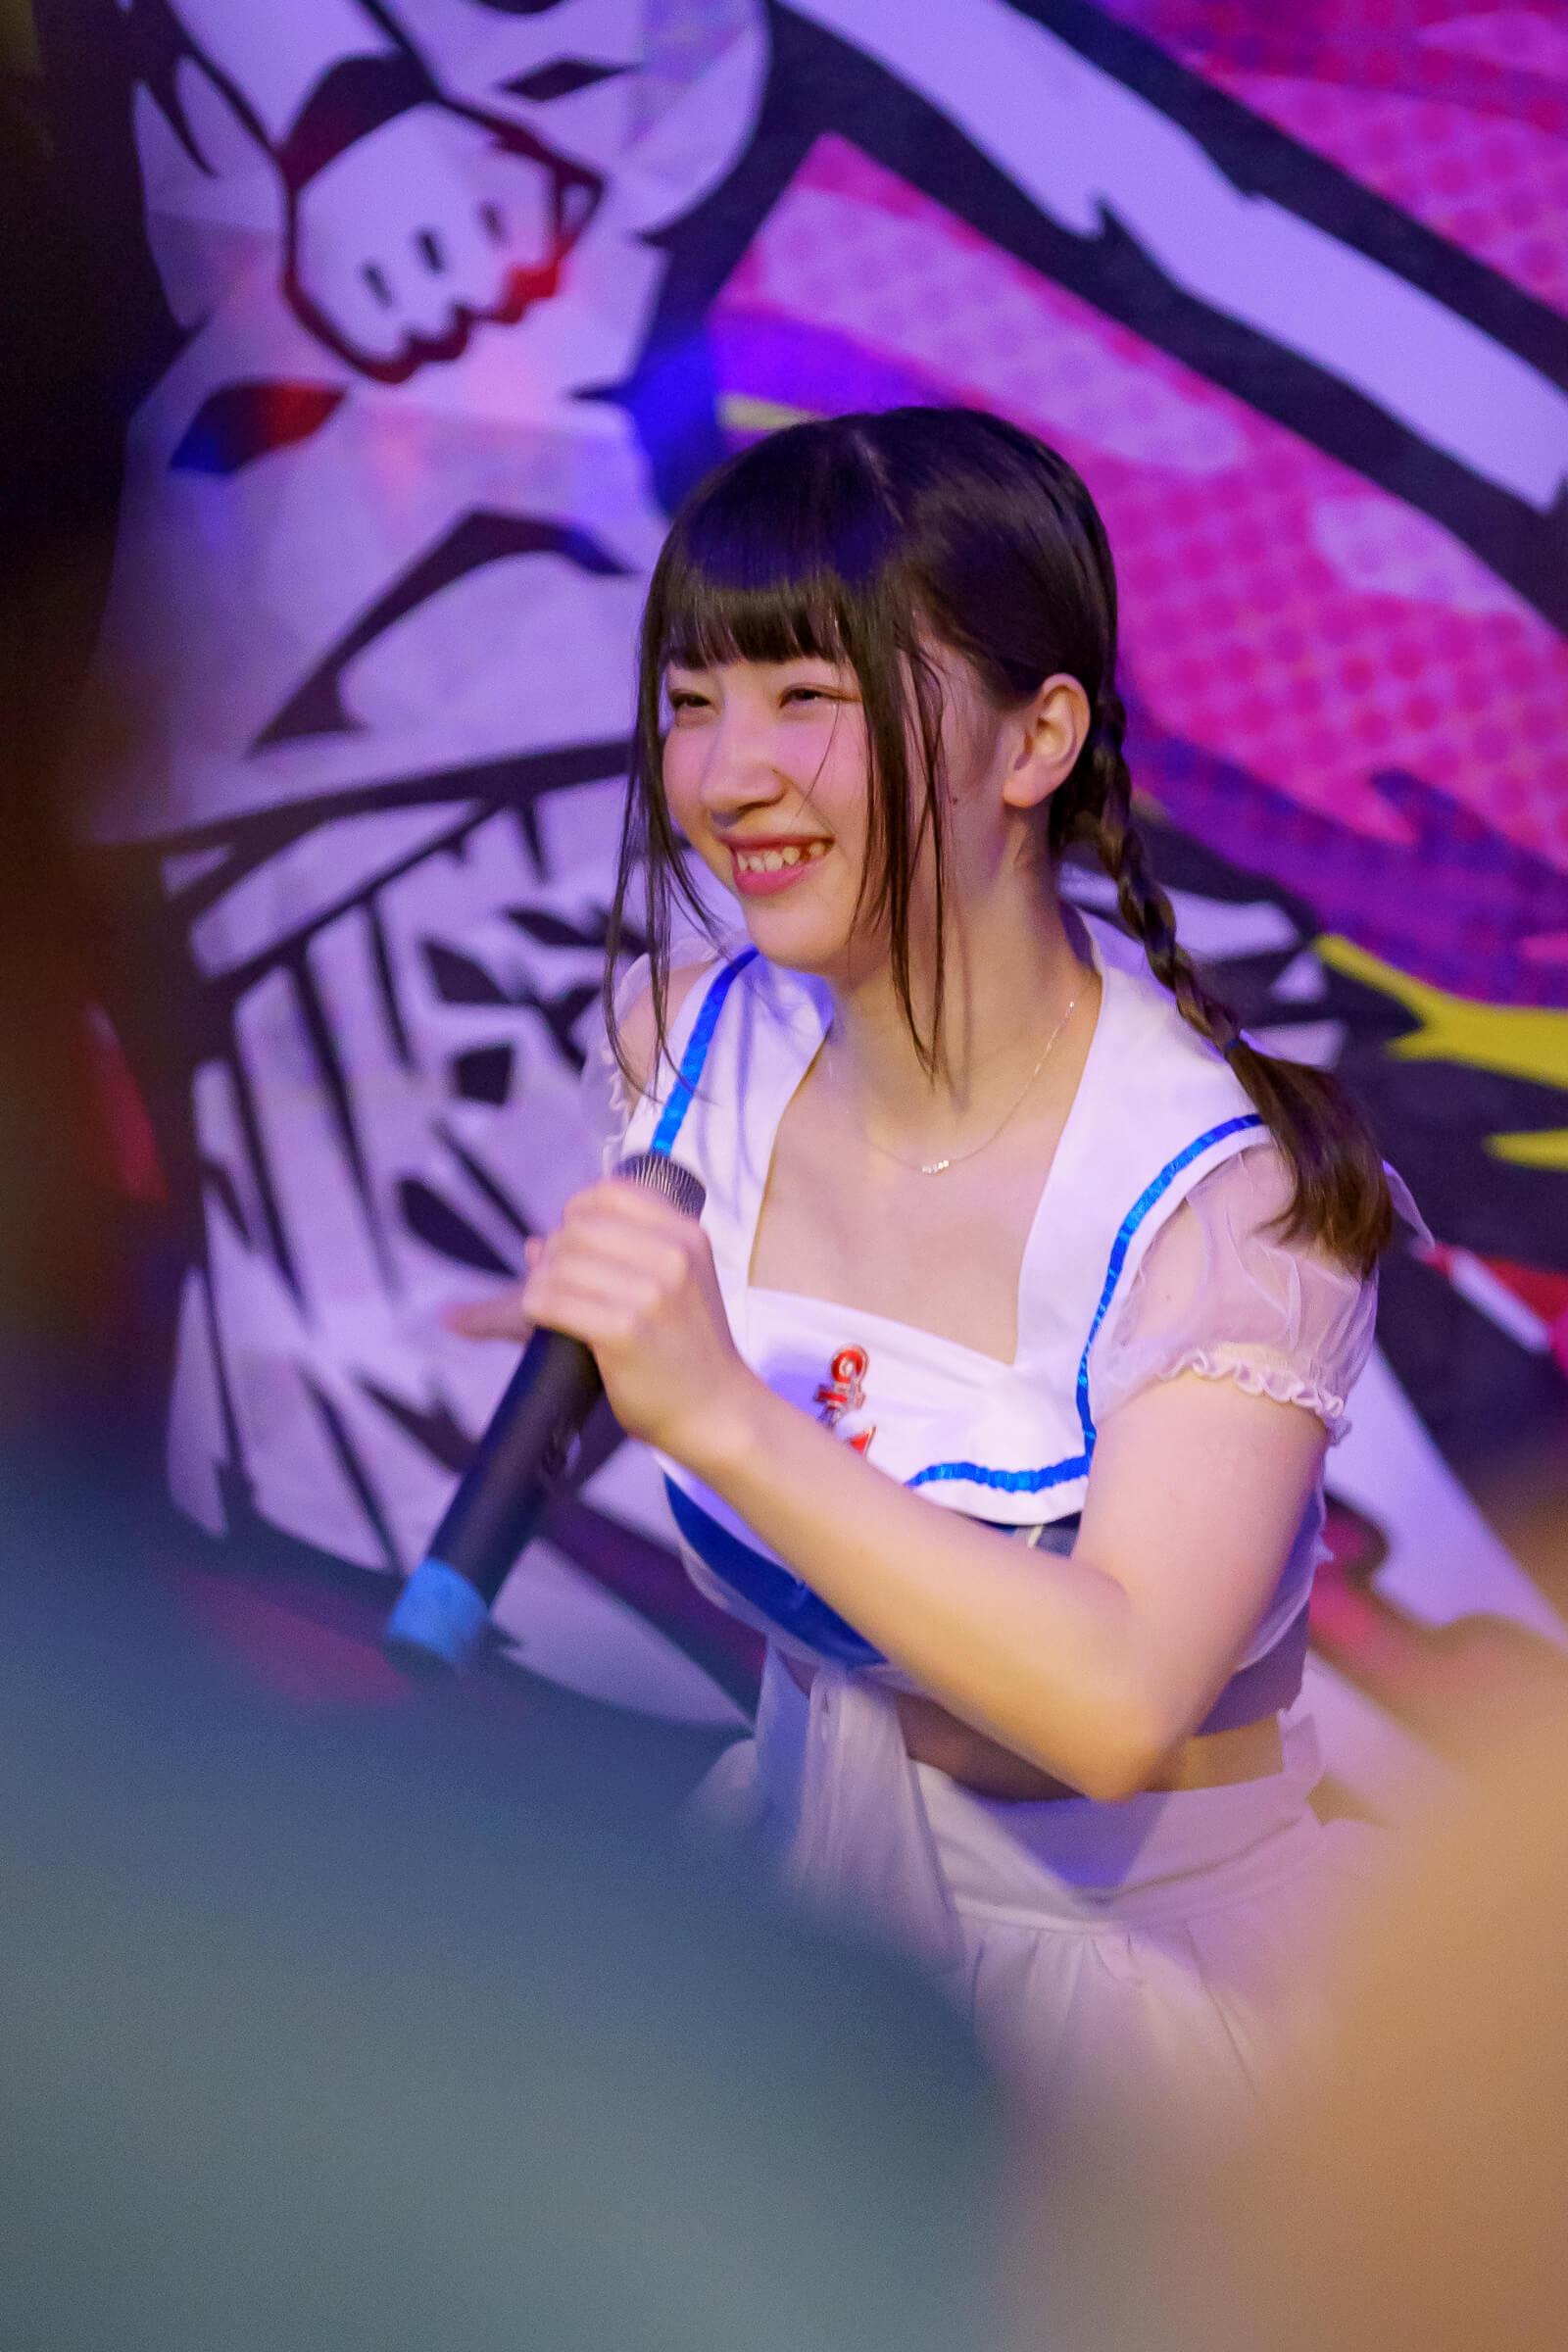 2代目HAPPY少女♪ きょうか ( 山田京佳 ) | ディノスパーク×ライブプロ マンスリーLIVE vol.7